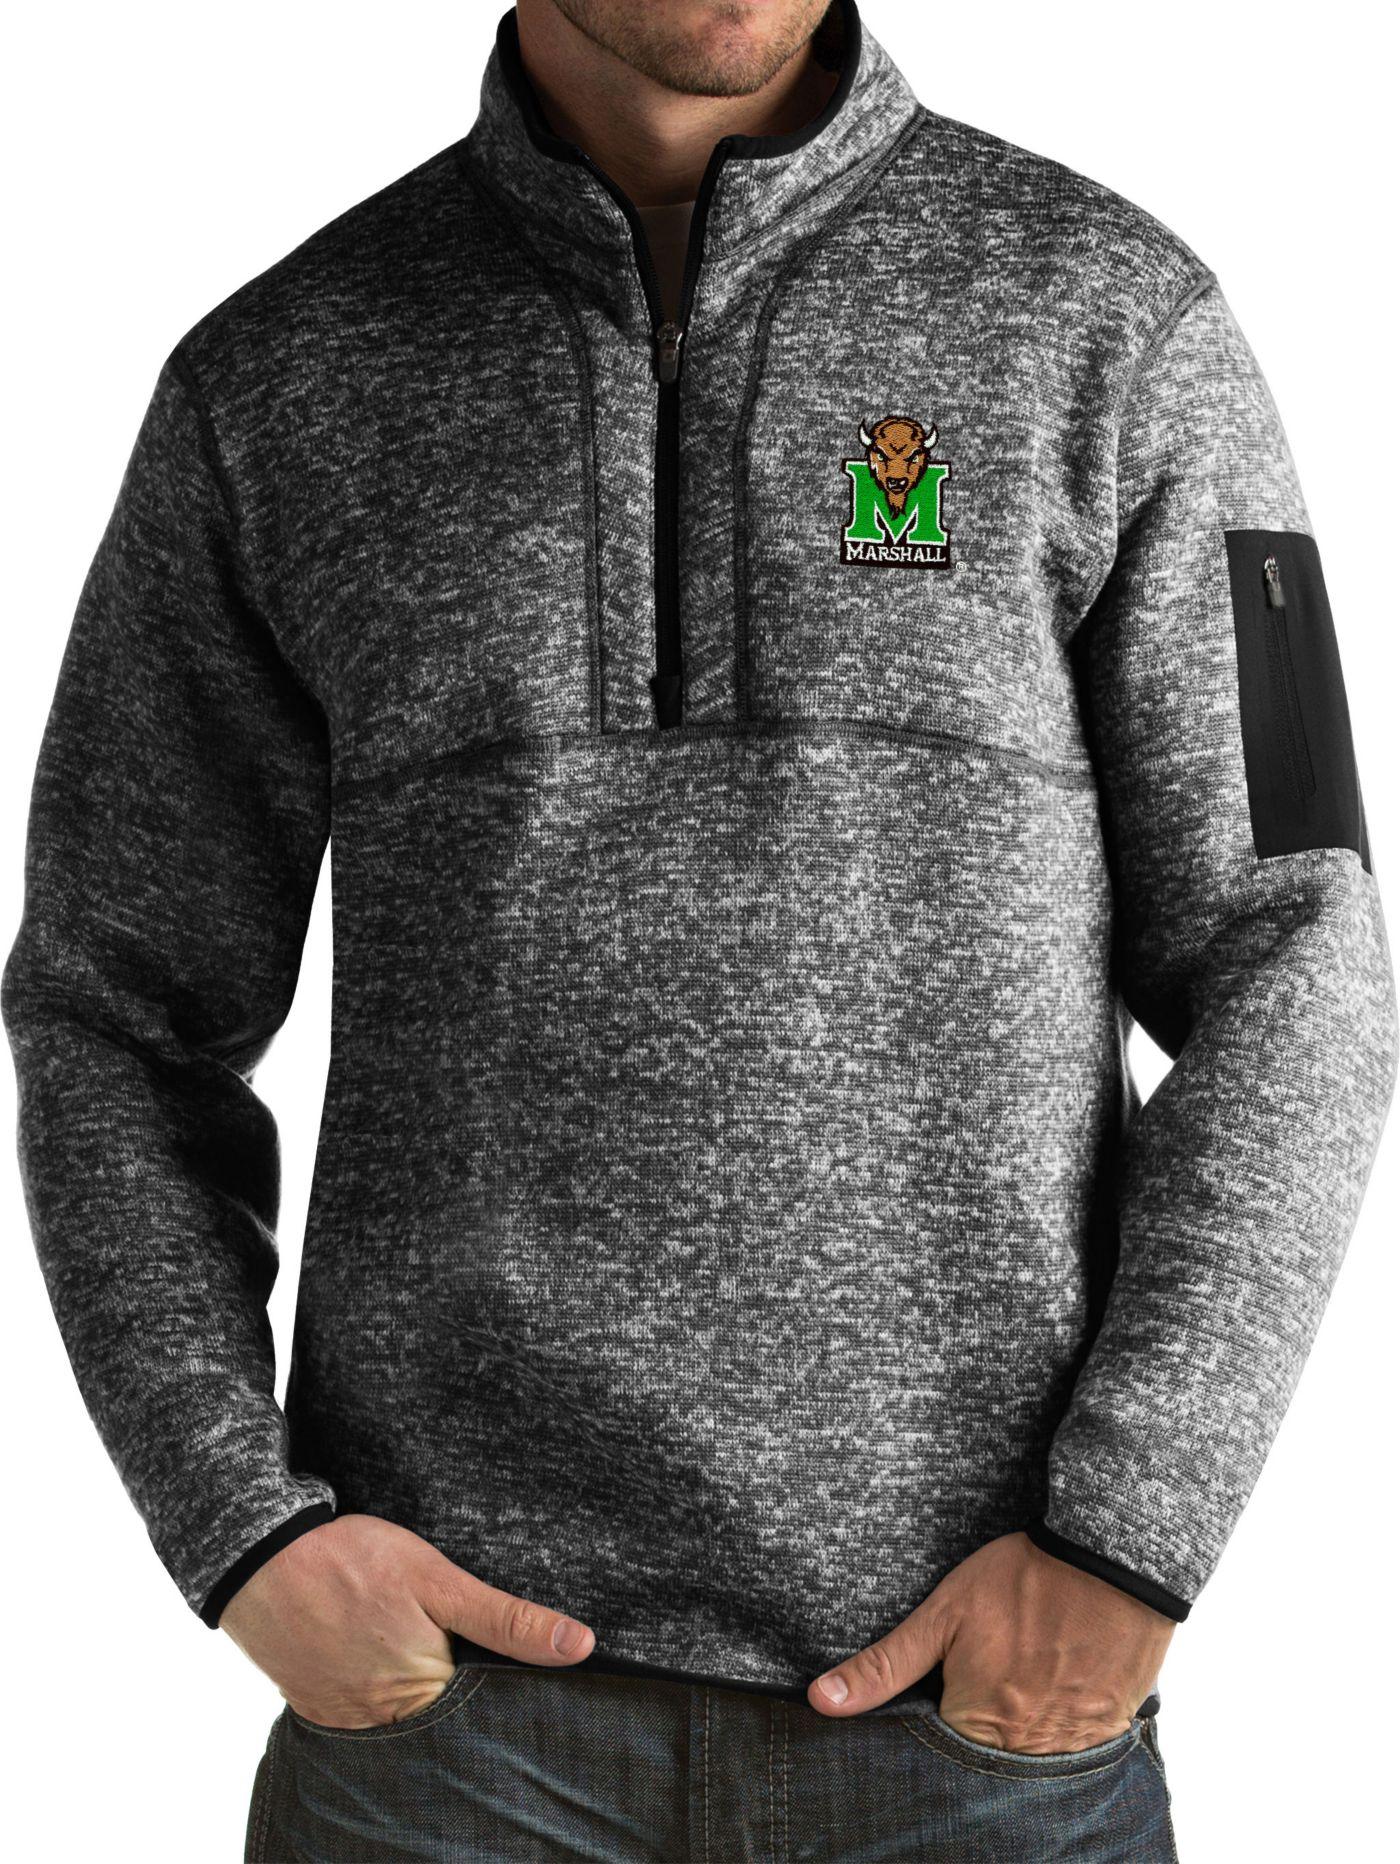 Antigua Men's Marshall Thundering Herd Black Fortune Pullover Jacket